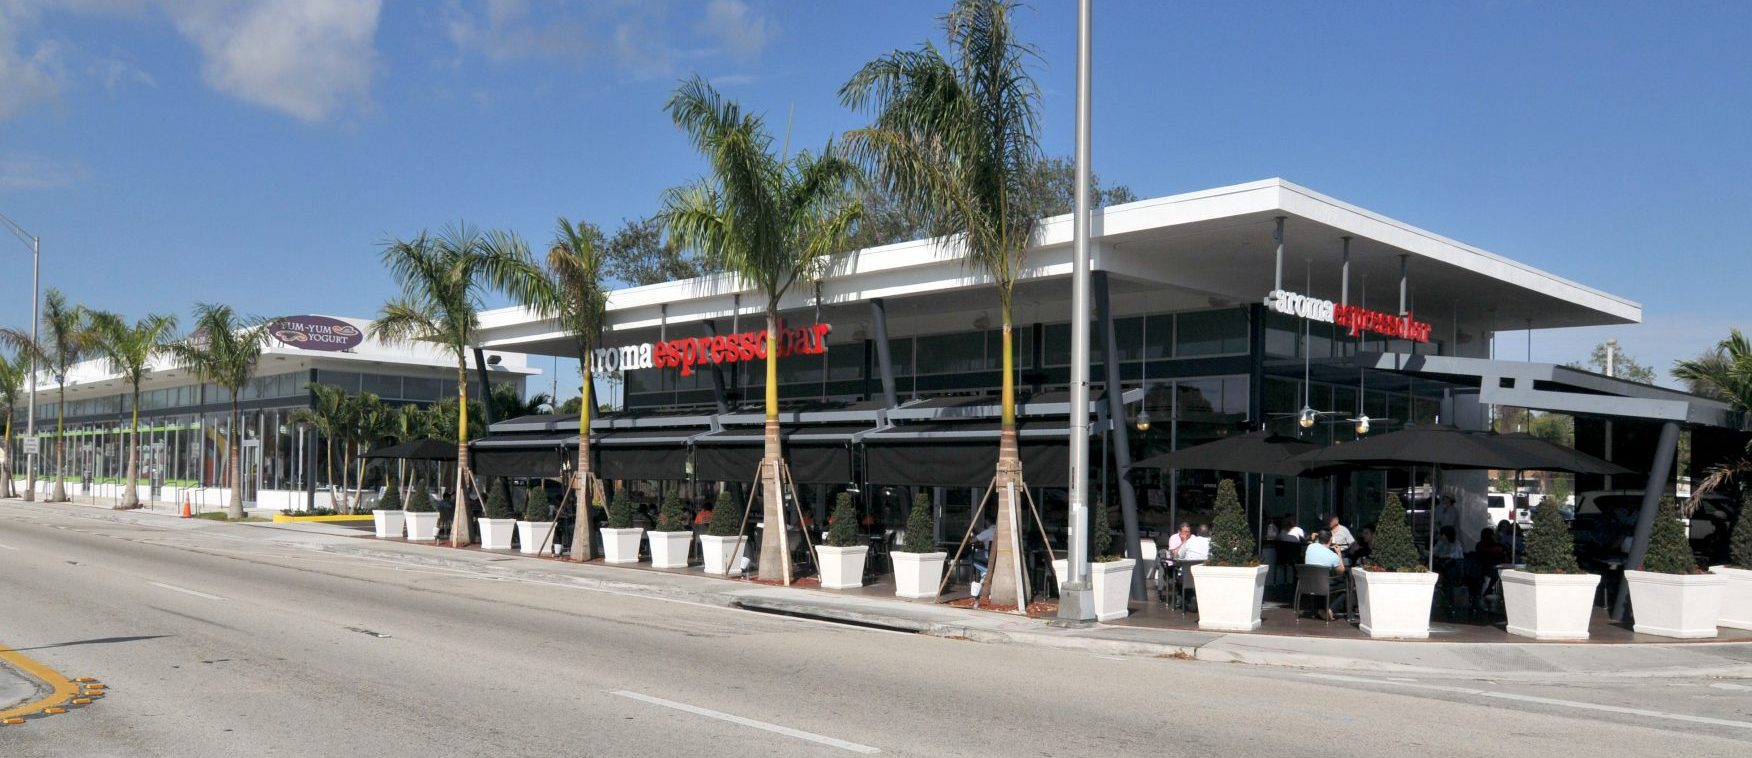 Aroma Shopping Center